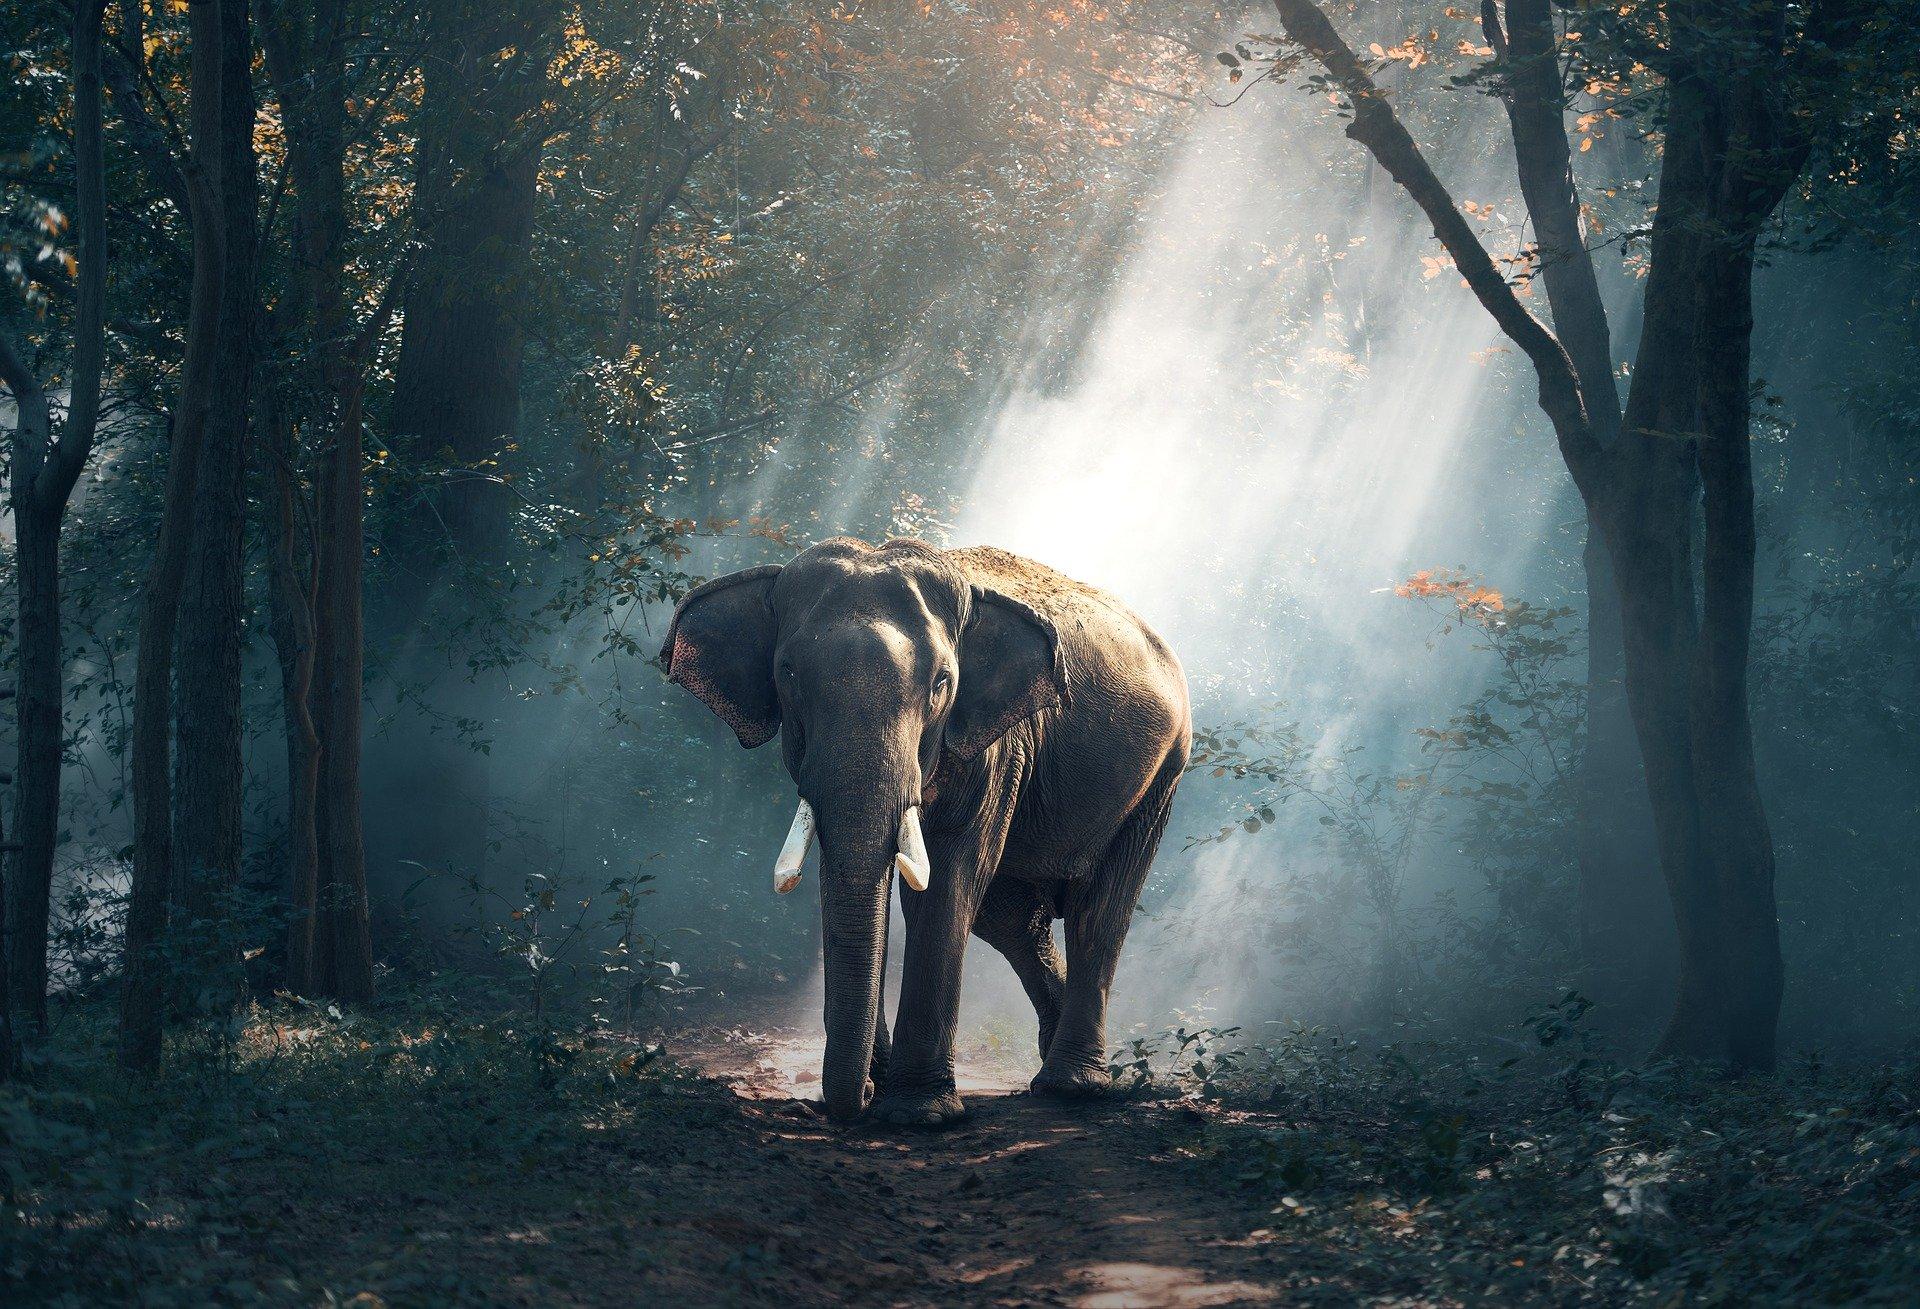 Significado de soñar con elefante